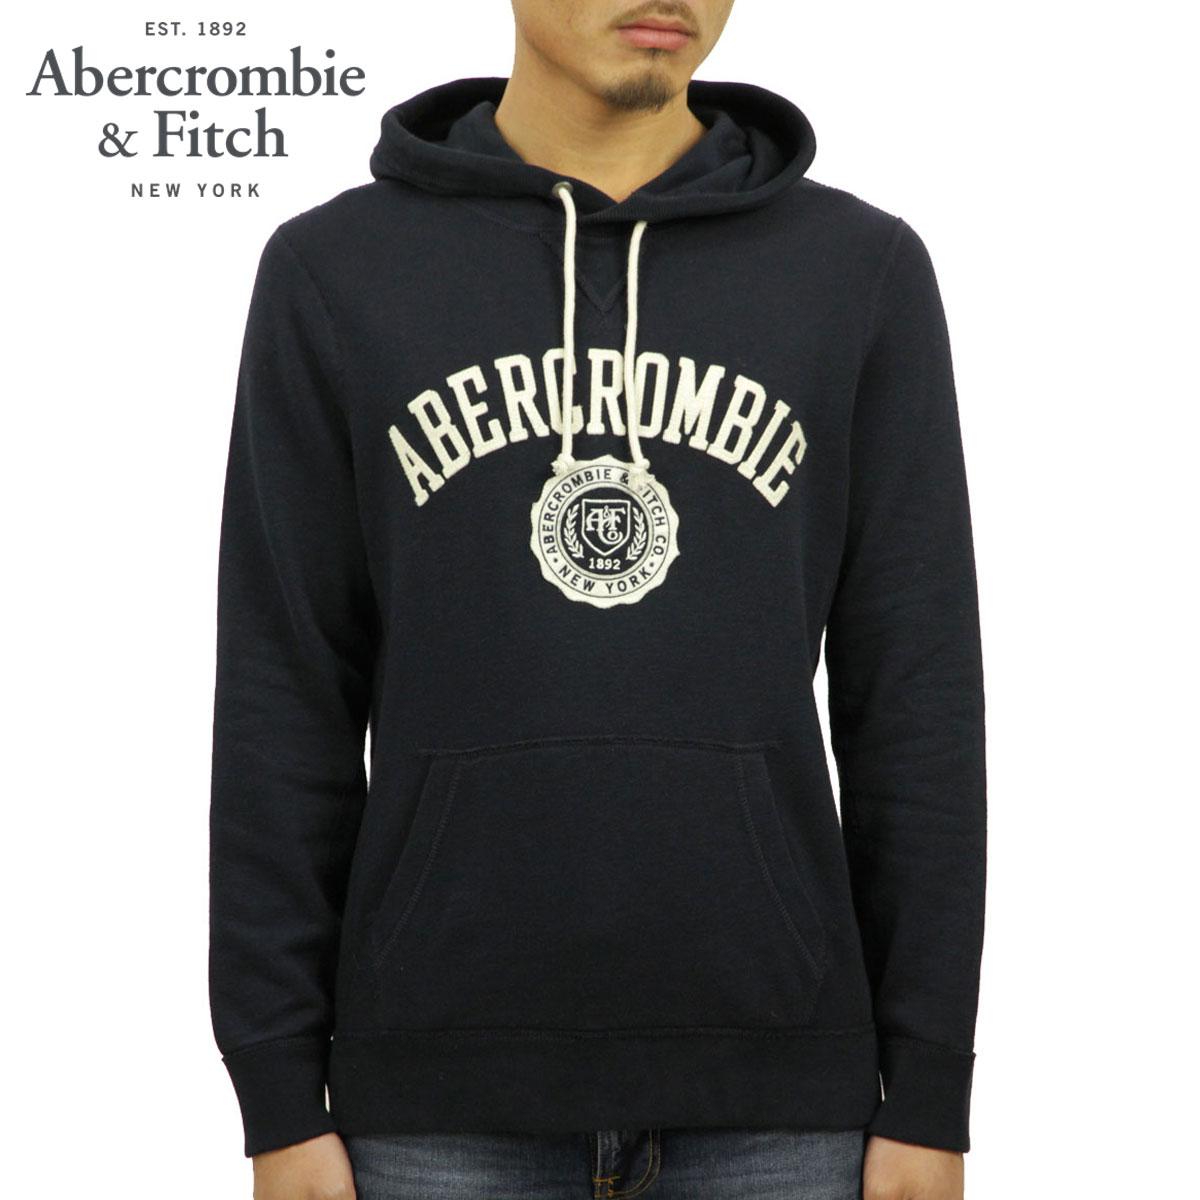 アバクロ Abercrombie&Fitch 正規品 メンズ プルオーバーパーカー APPLIQUE LOGO HOODIE 122-243-0021-200